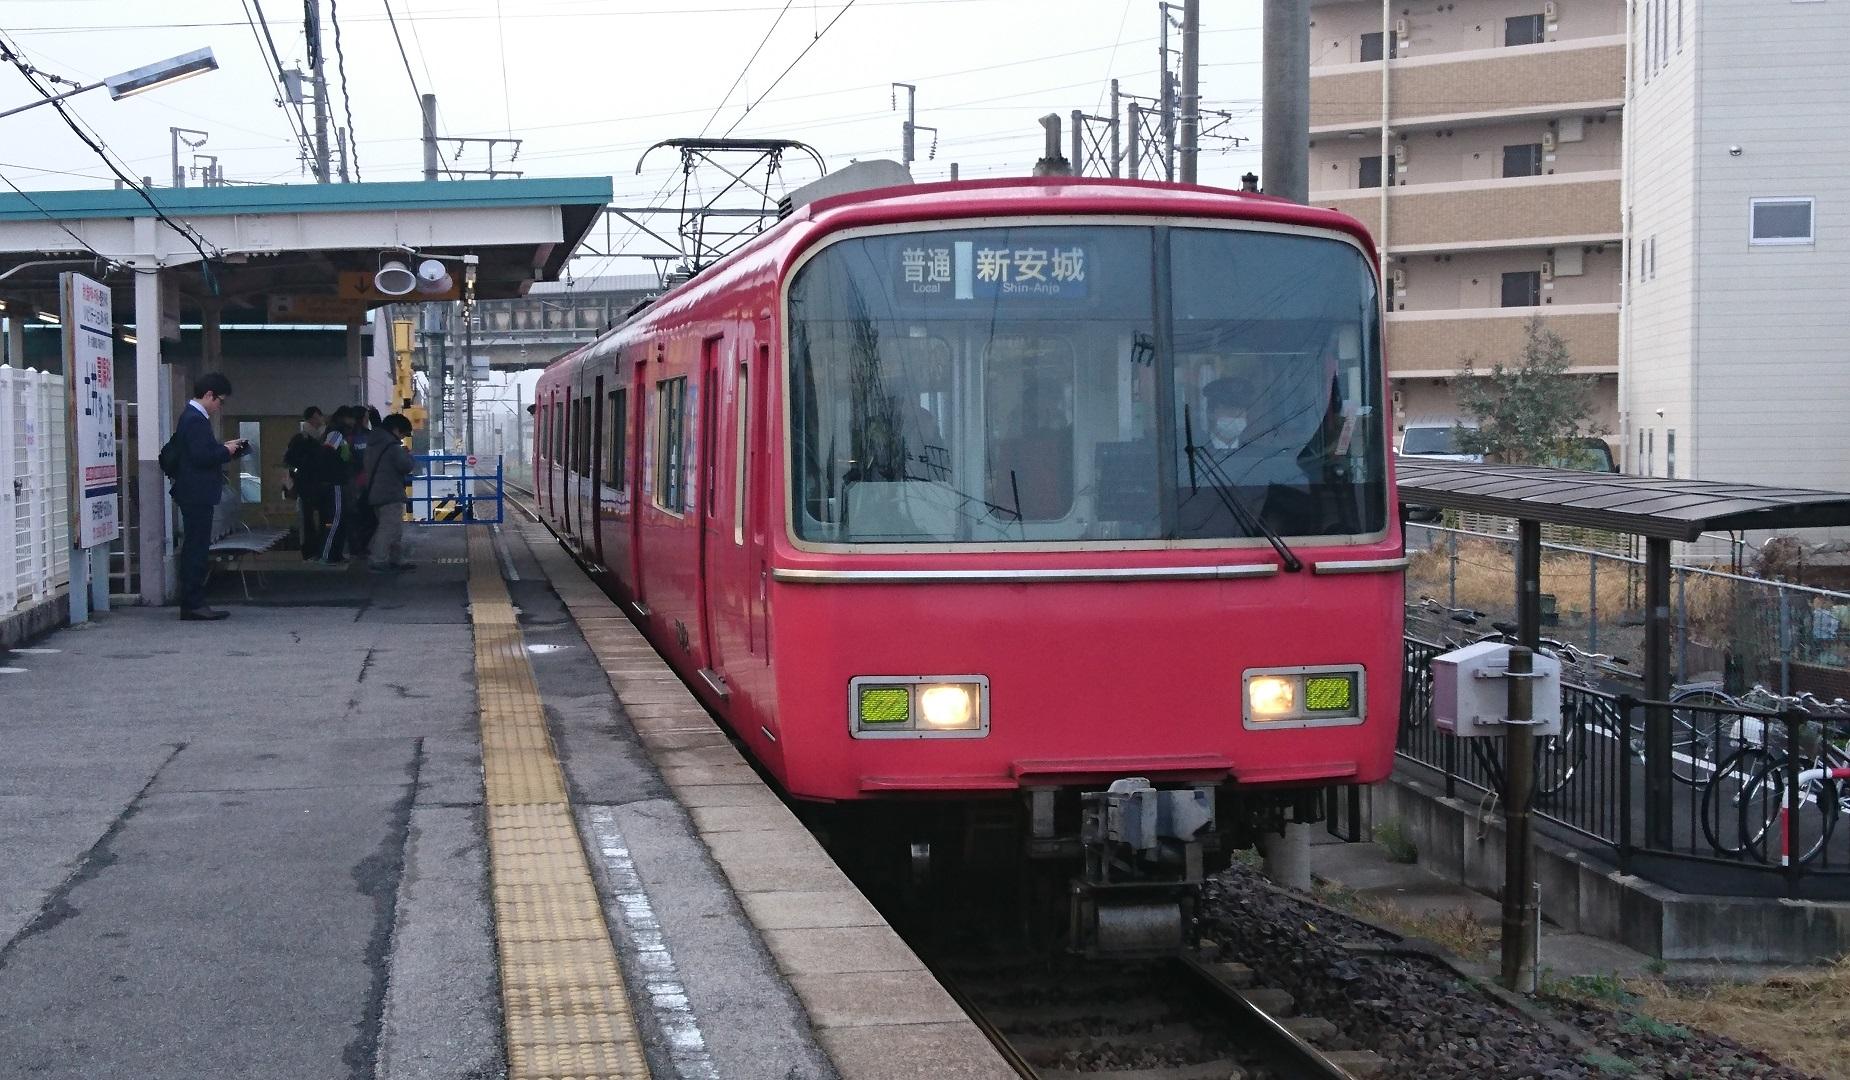 2017.4.2 名鉄 (1) 古井 - しんあんじょういきふつう 1850-1080